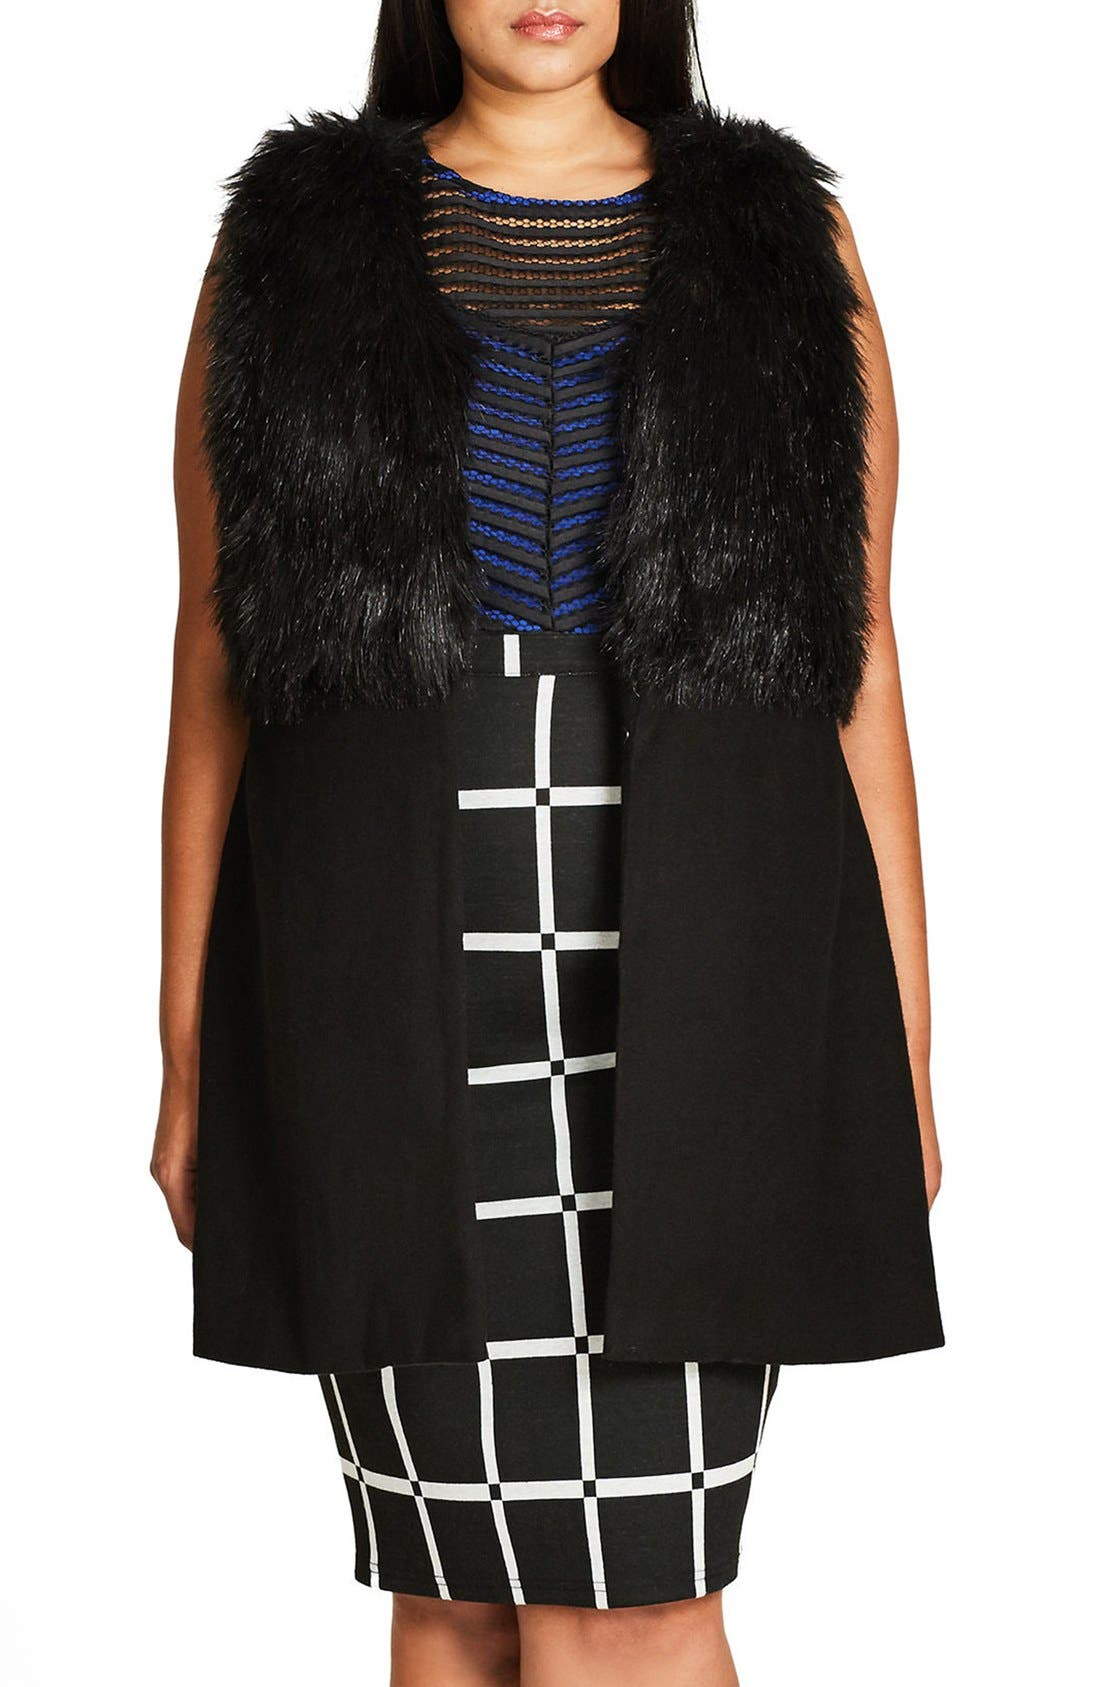 Alternate Image 1 Selected - City Chic Rococo Faux Fur Trim Vest (Plus Size)